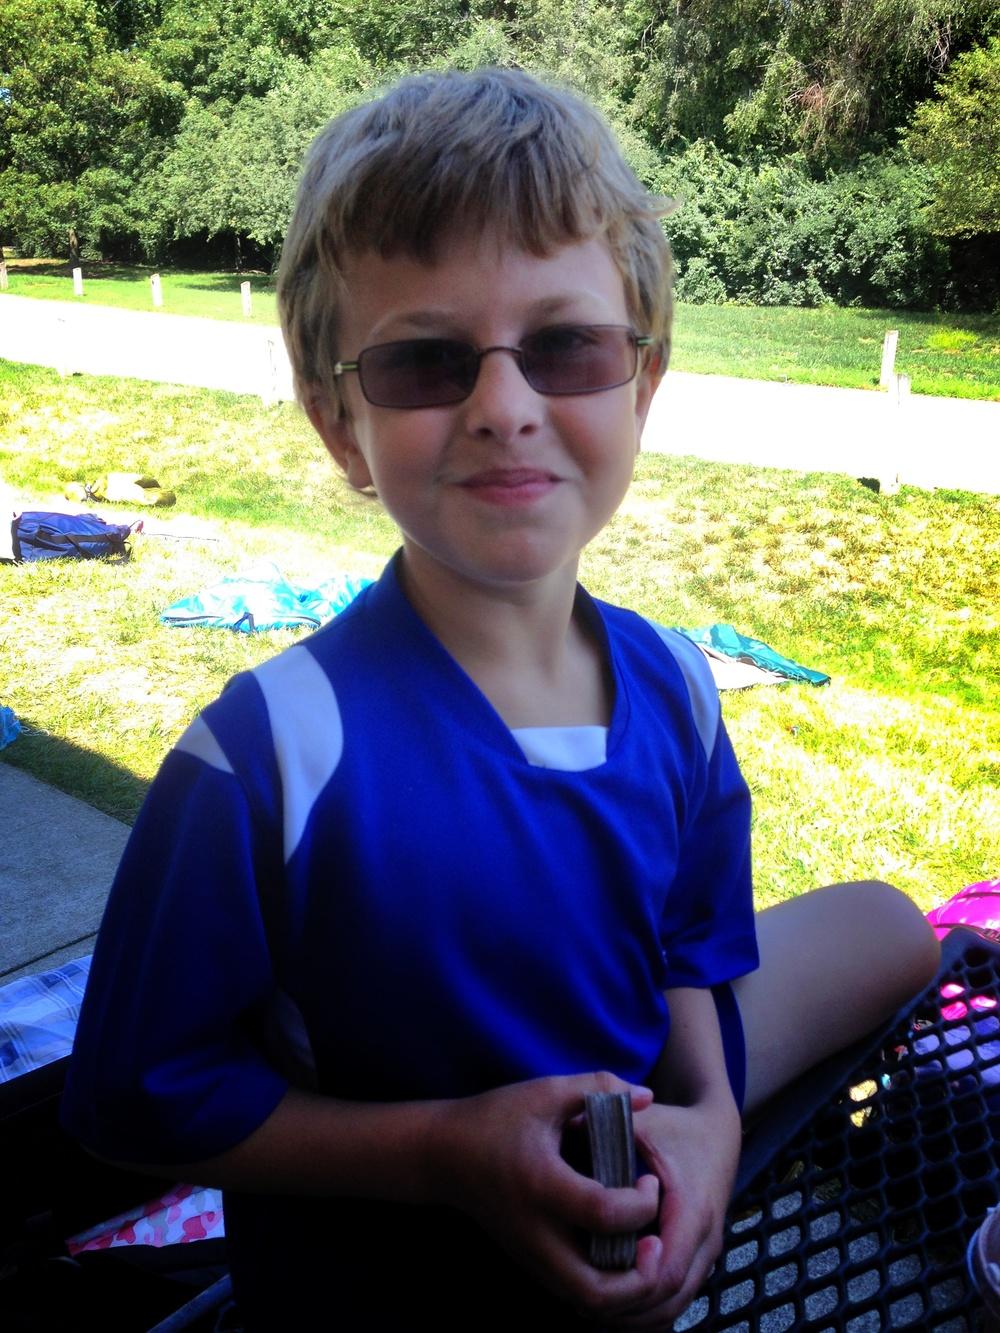 Evan at Camp